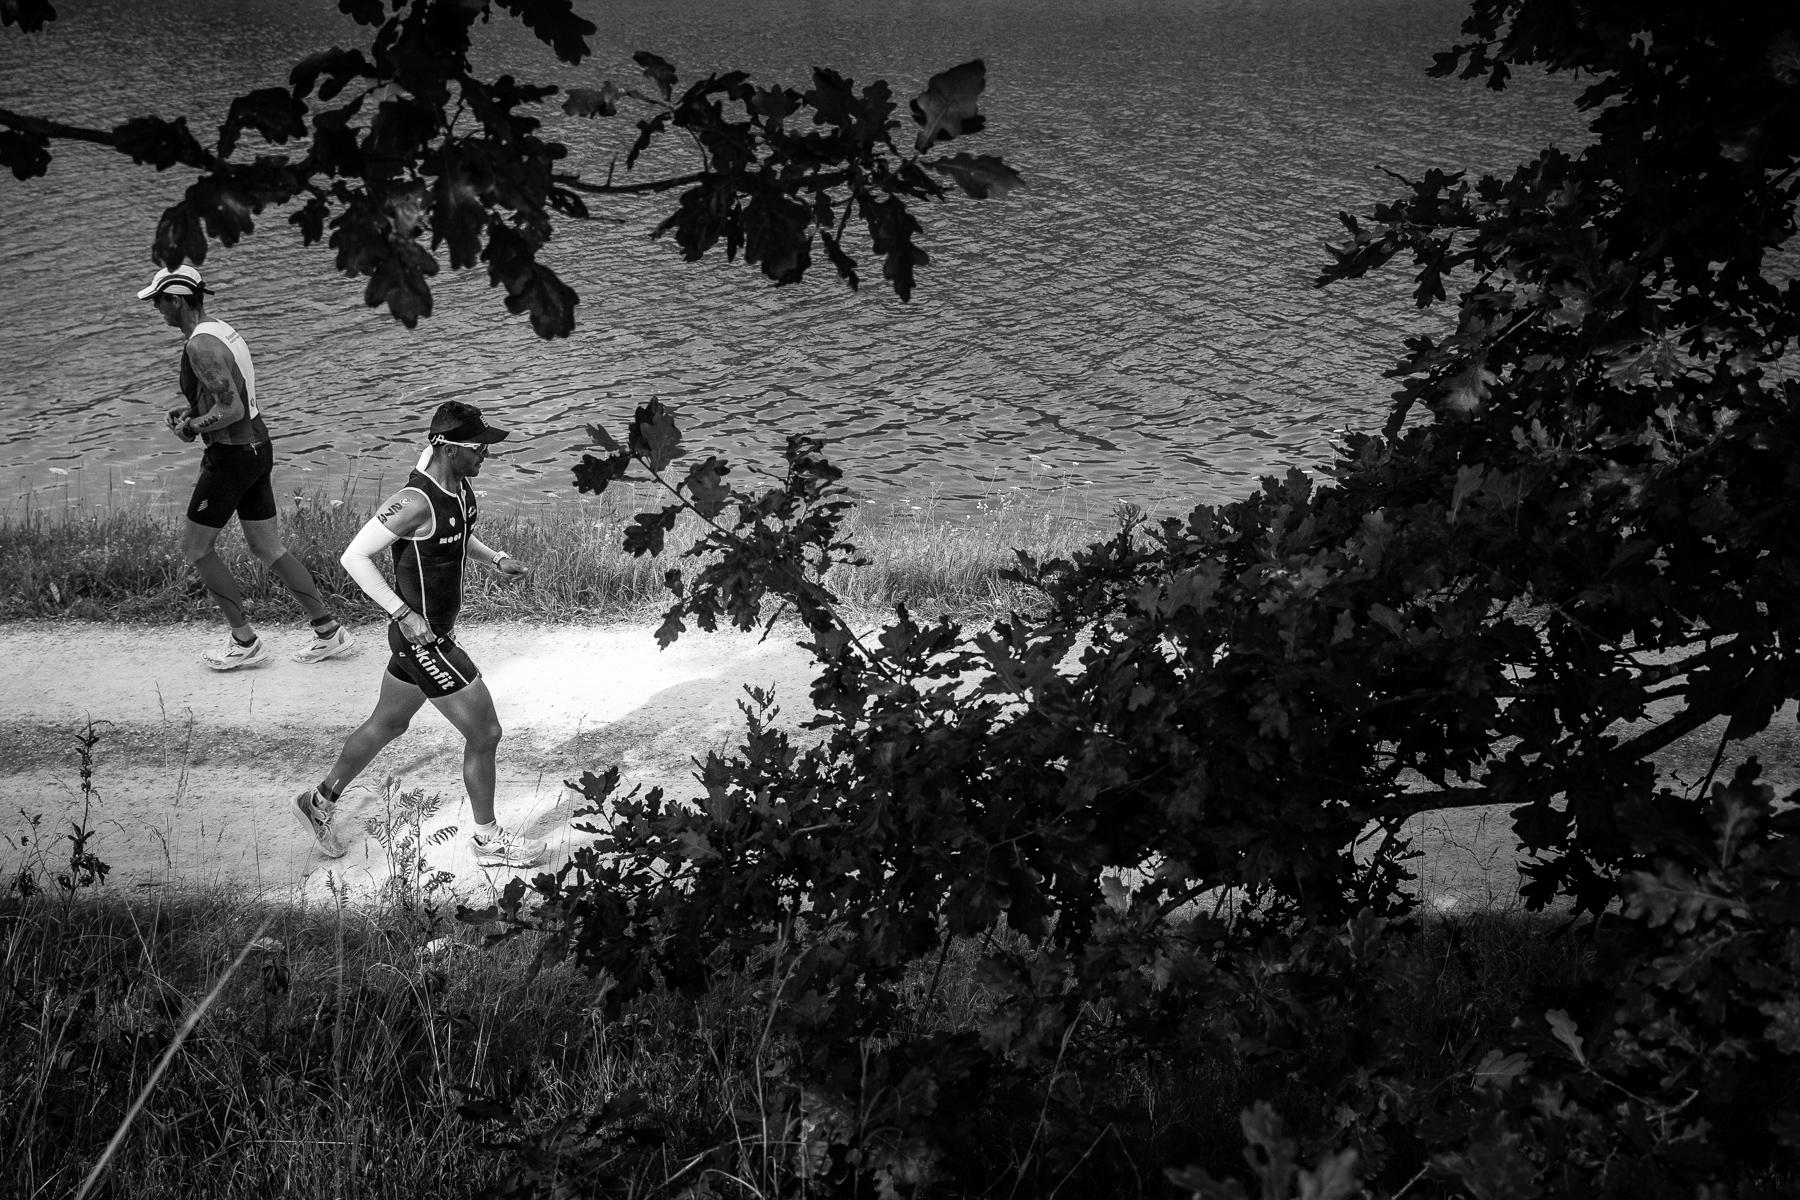 We are Triathlon   Nach über sieben Stunden beginnt die letzte Disziplin. Der Lauf, mit der Länge eines Marathons von 42,195 Km, beansprucht am meisten die Gelenke und fordert abschließend die letzten Energiereserven der Athleten.